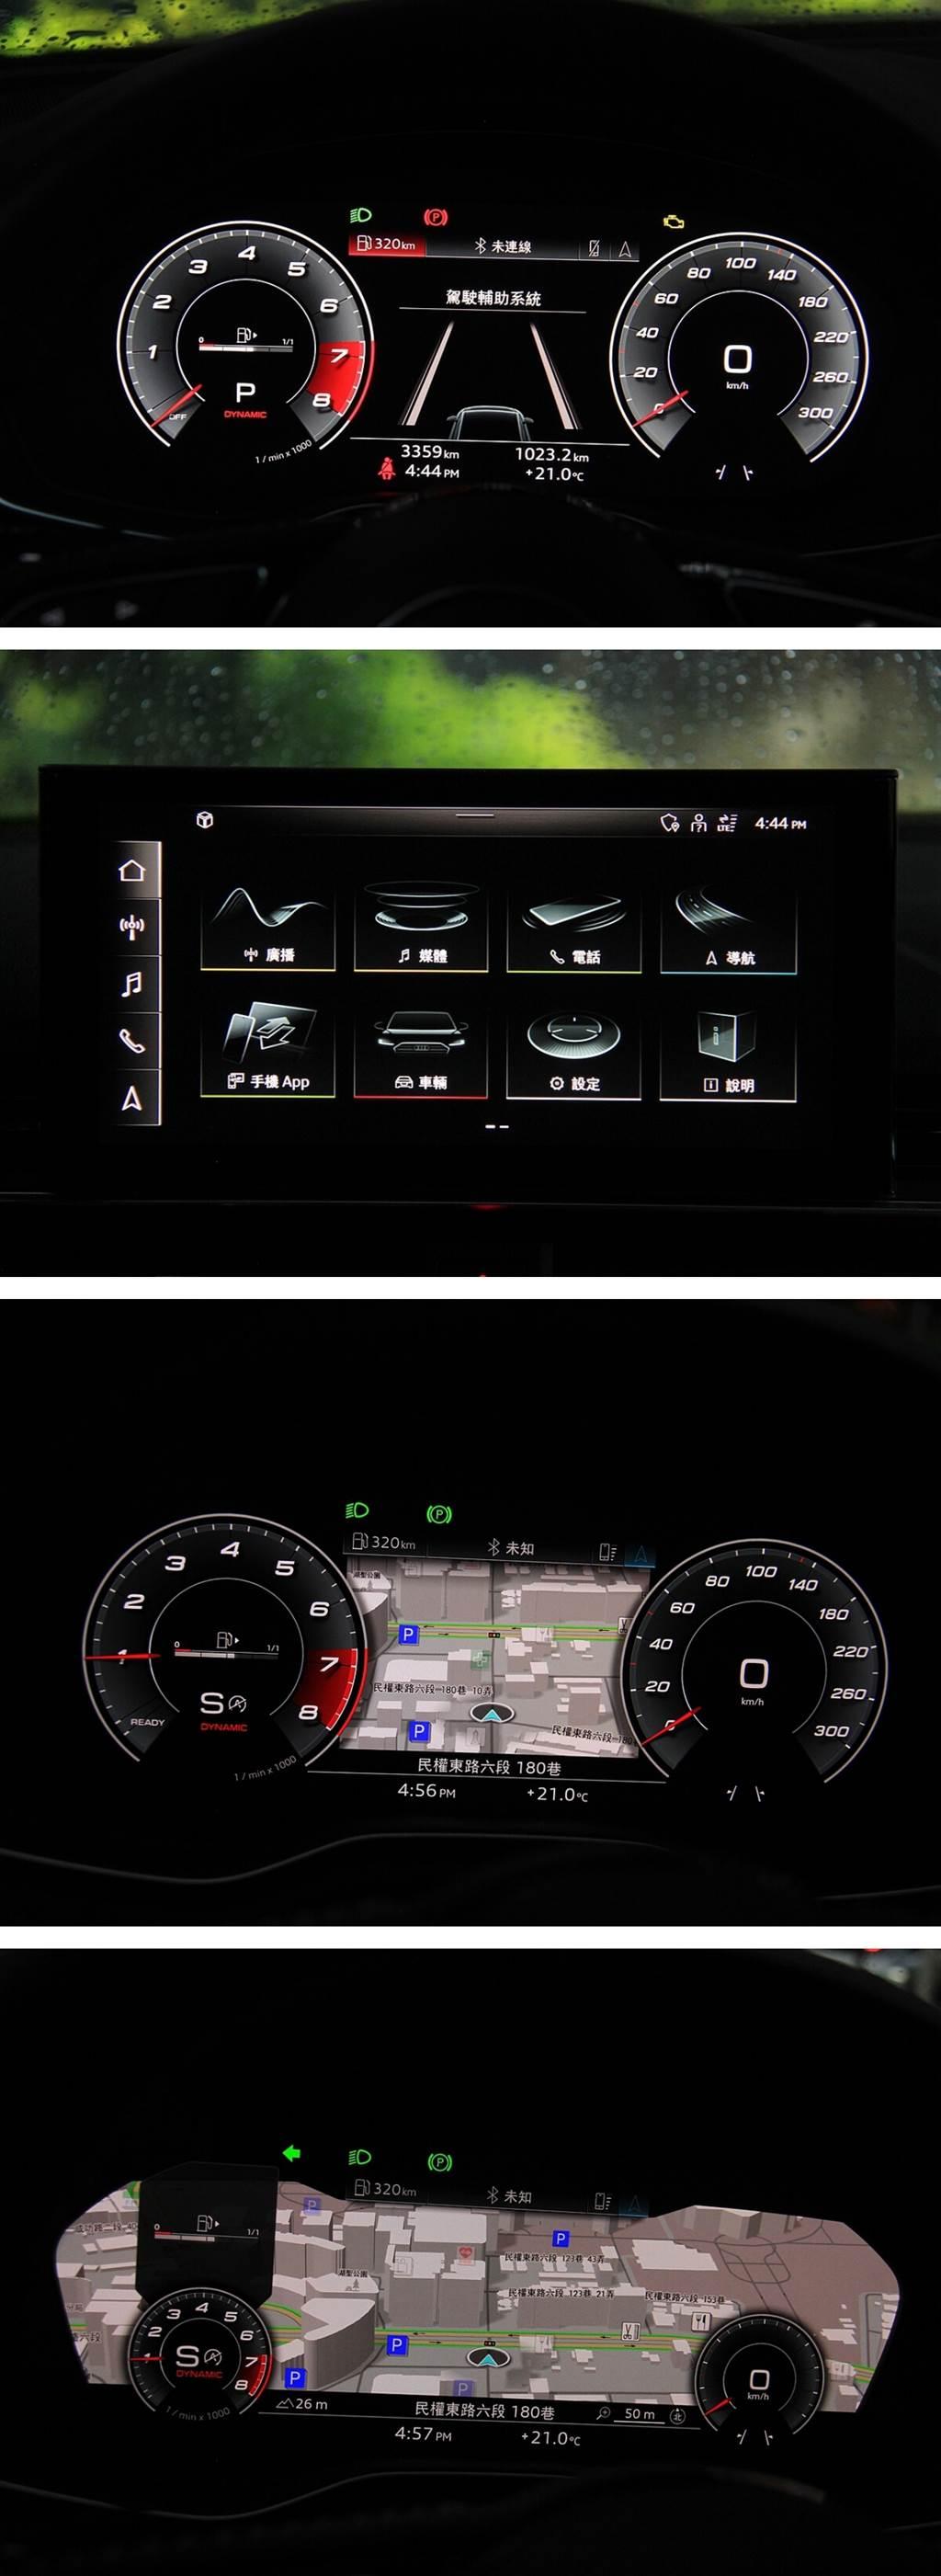 上下圖分別為數位駕駛儀錶的日間與夜間模式。